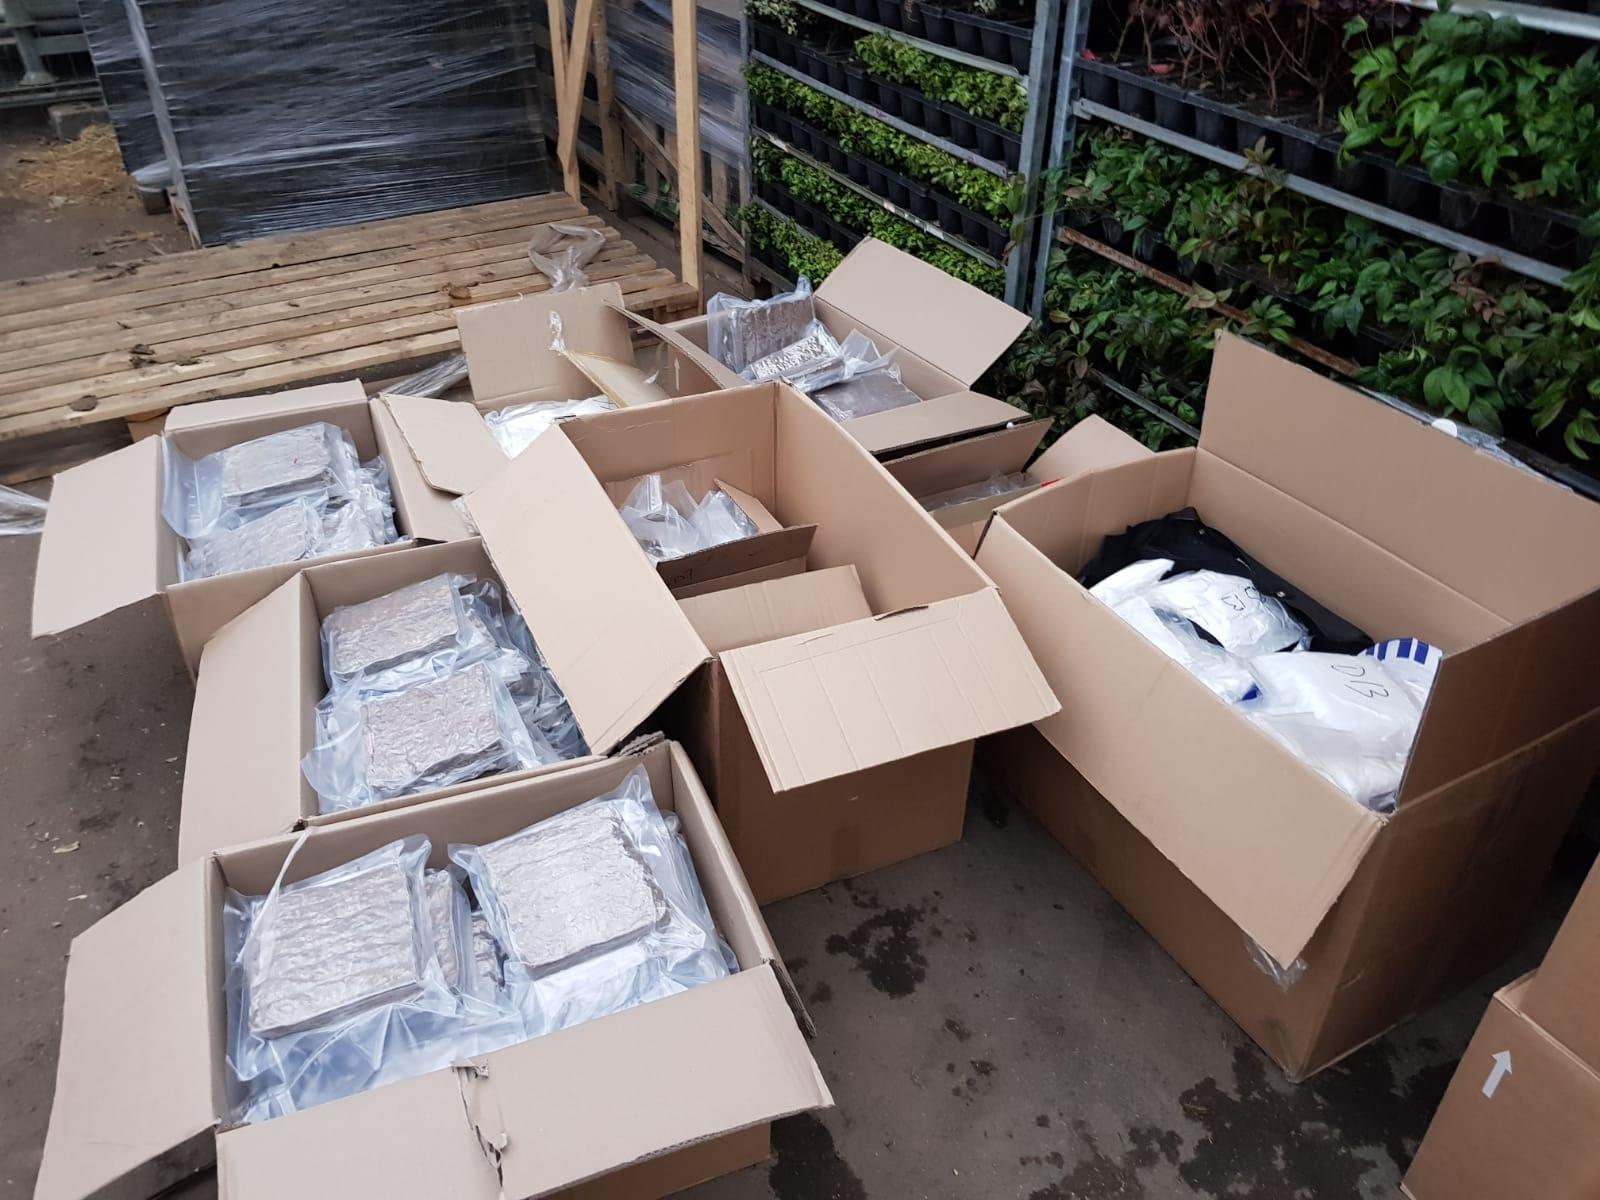 Honderden kilo's drugs onderschept in Hazerswoude